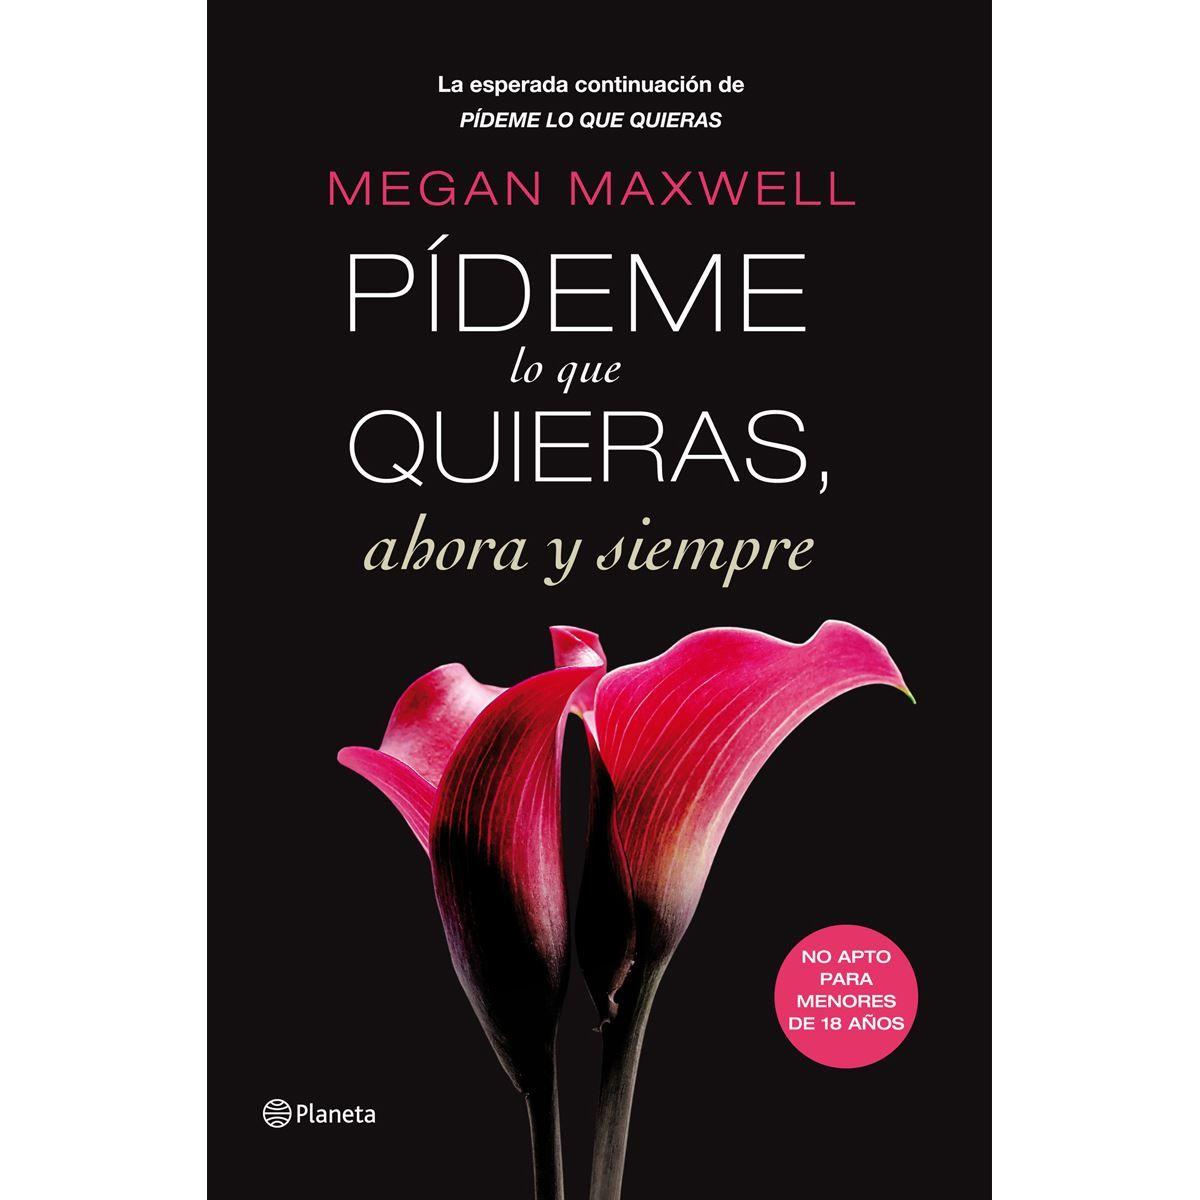 Todos Mis Mejores Libros Pideme Lo Que Quieras Ahora Y Siempre Megan Max Megan Maxwell Libros Megan Maxwell Los Mejores Libros Romanticos